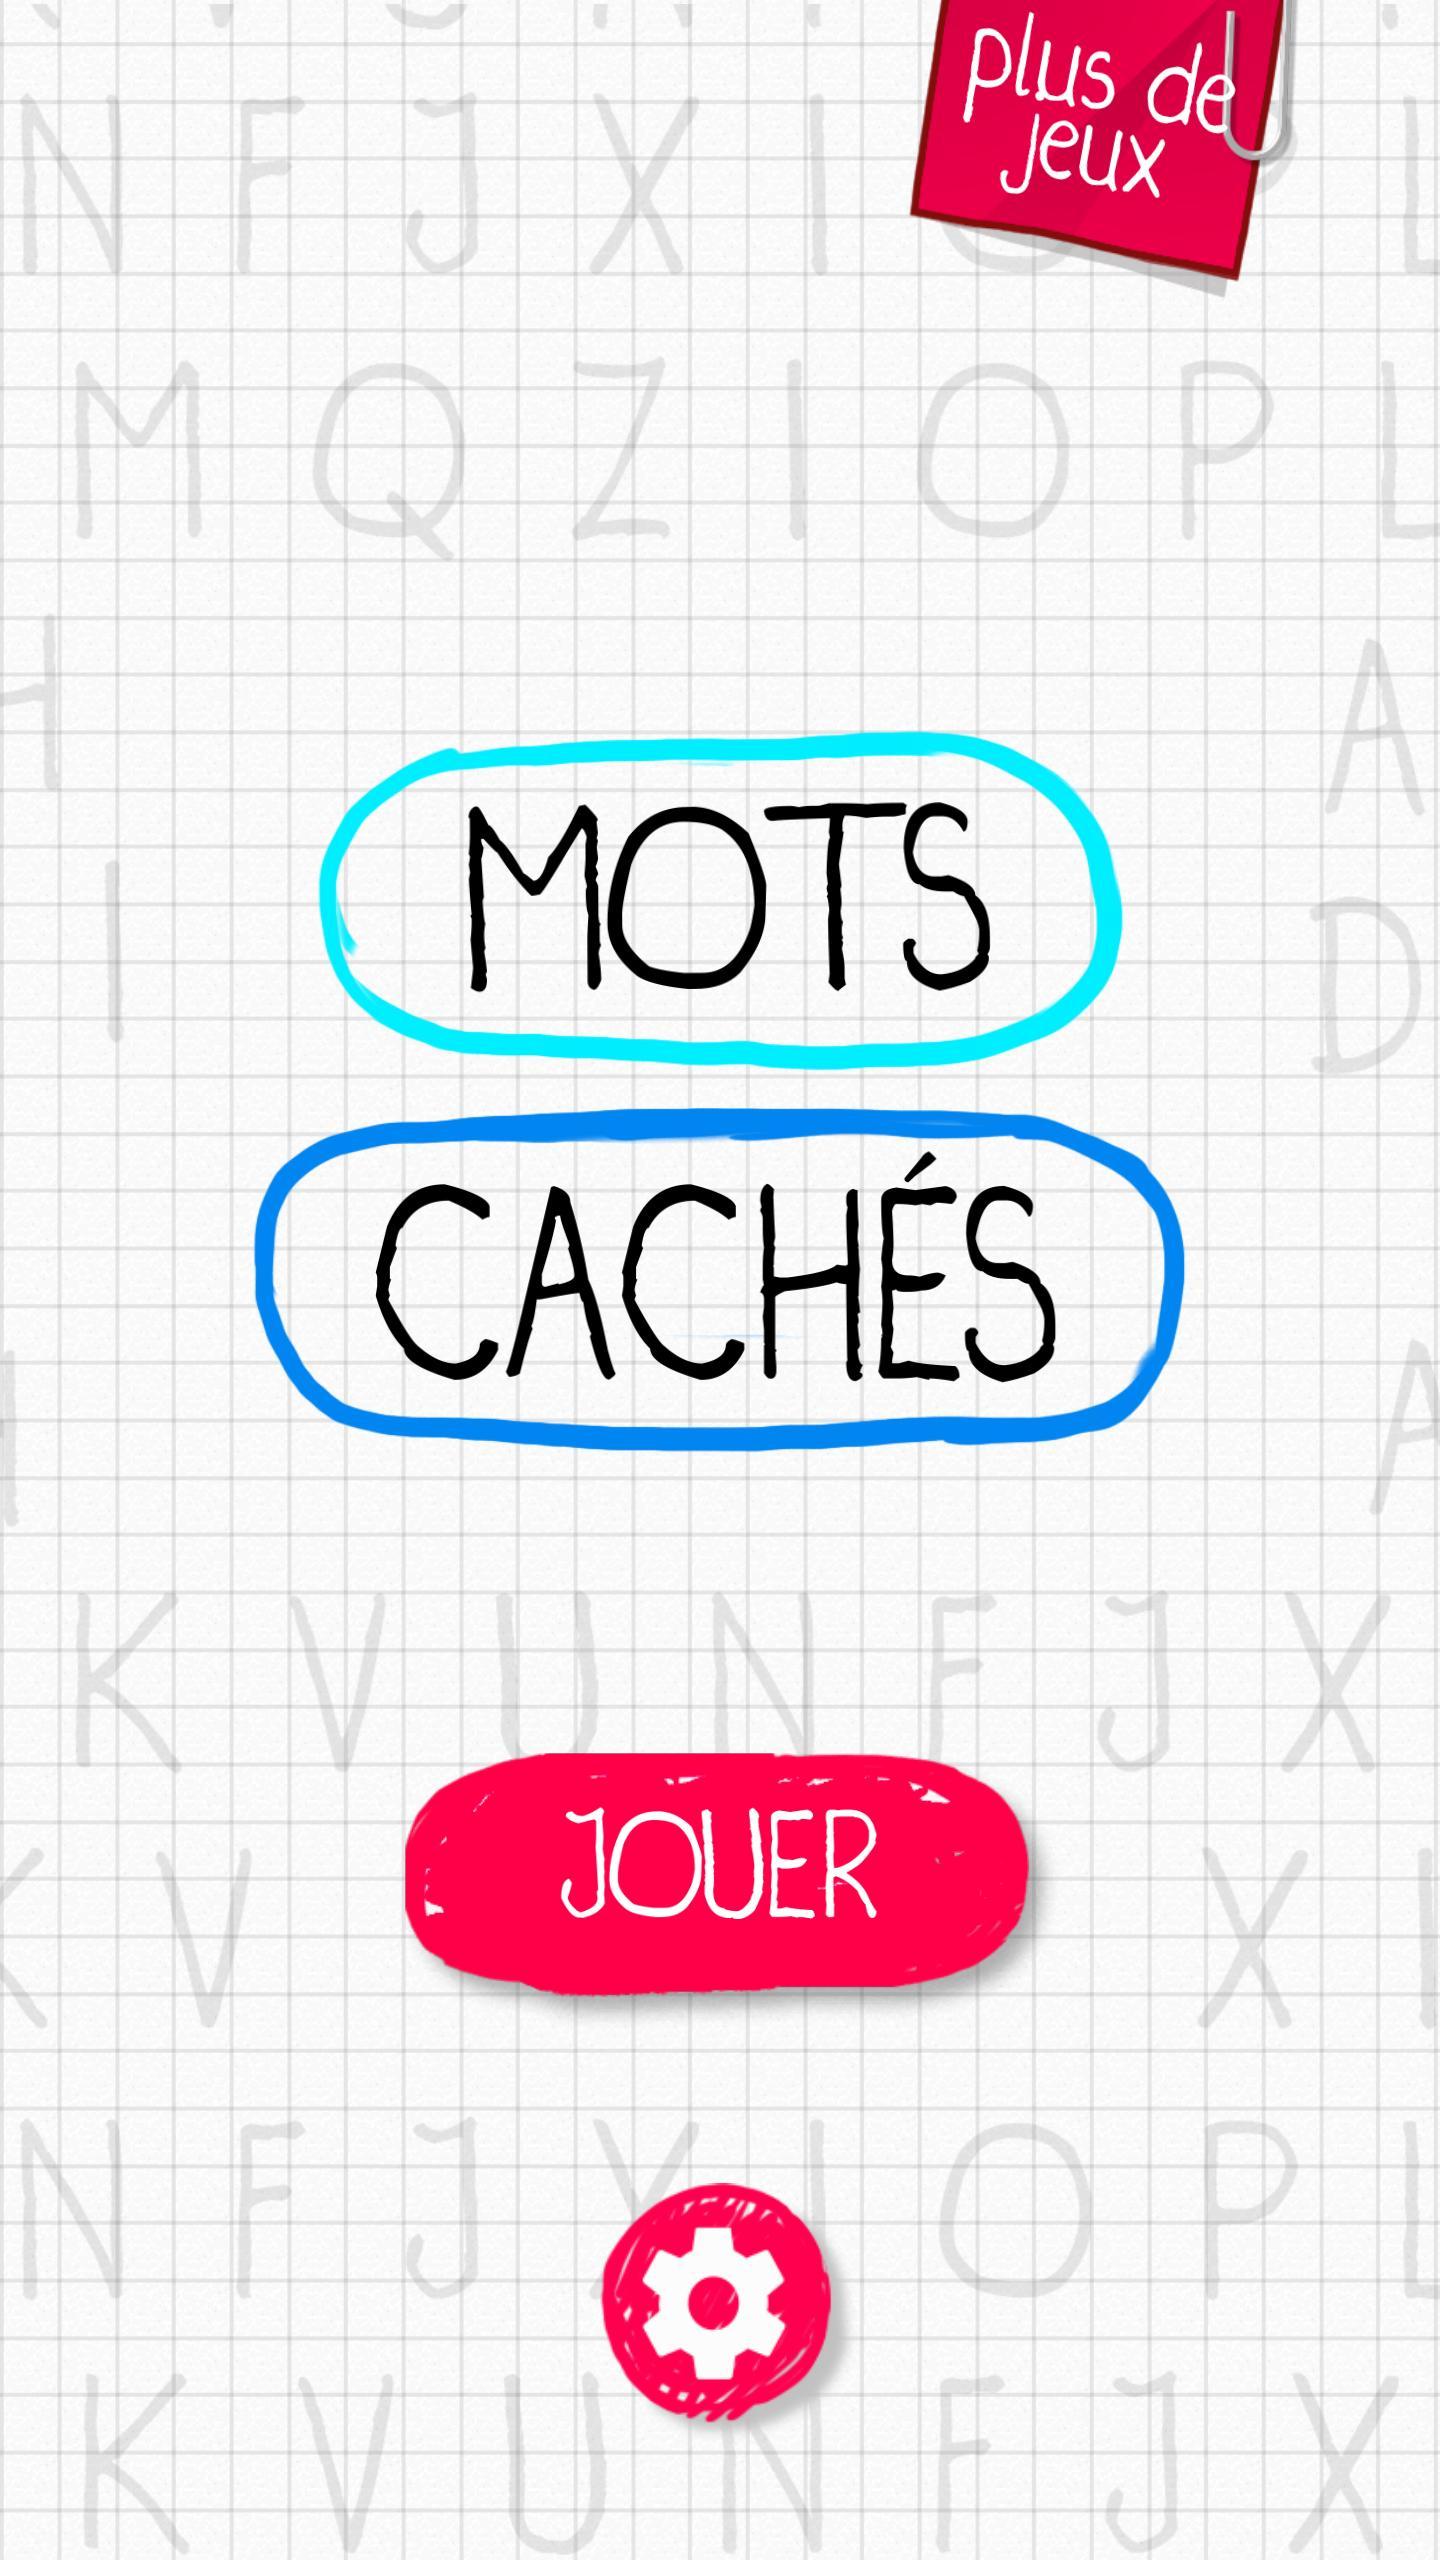 Mots Cachés Premium Pour Android - Téléchargez L'apk concernant Jeux Des Mots Cachés